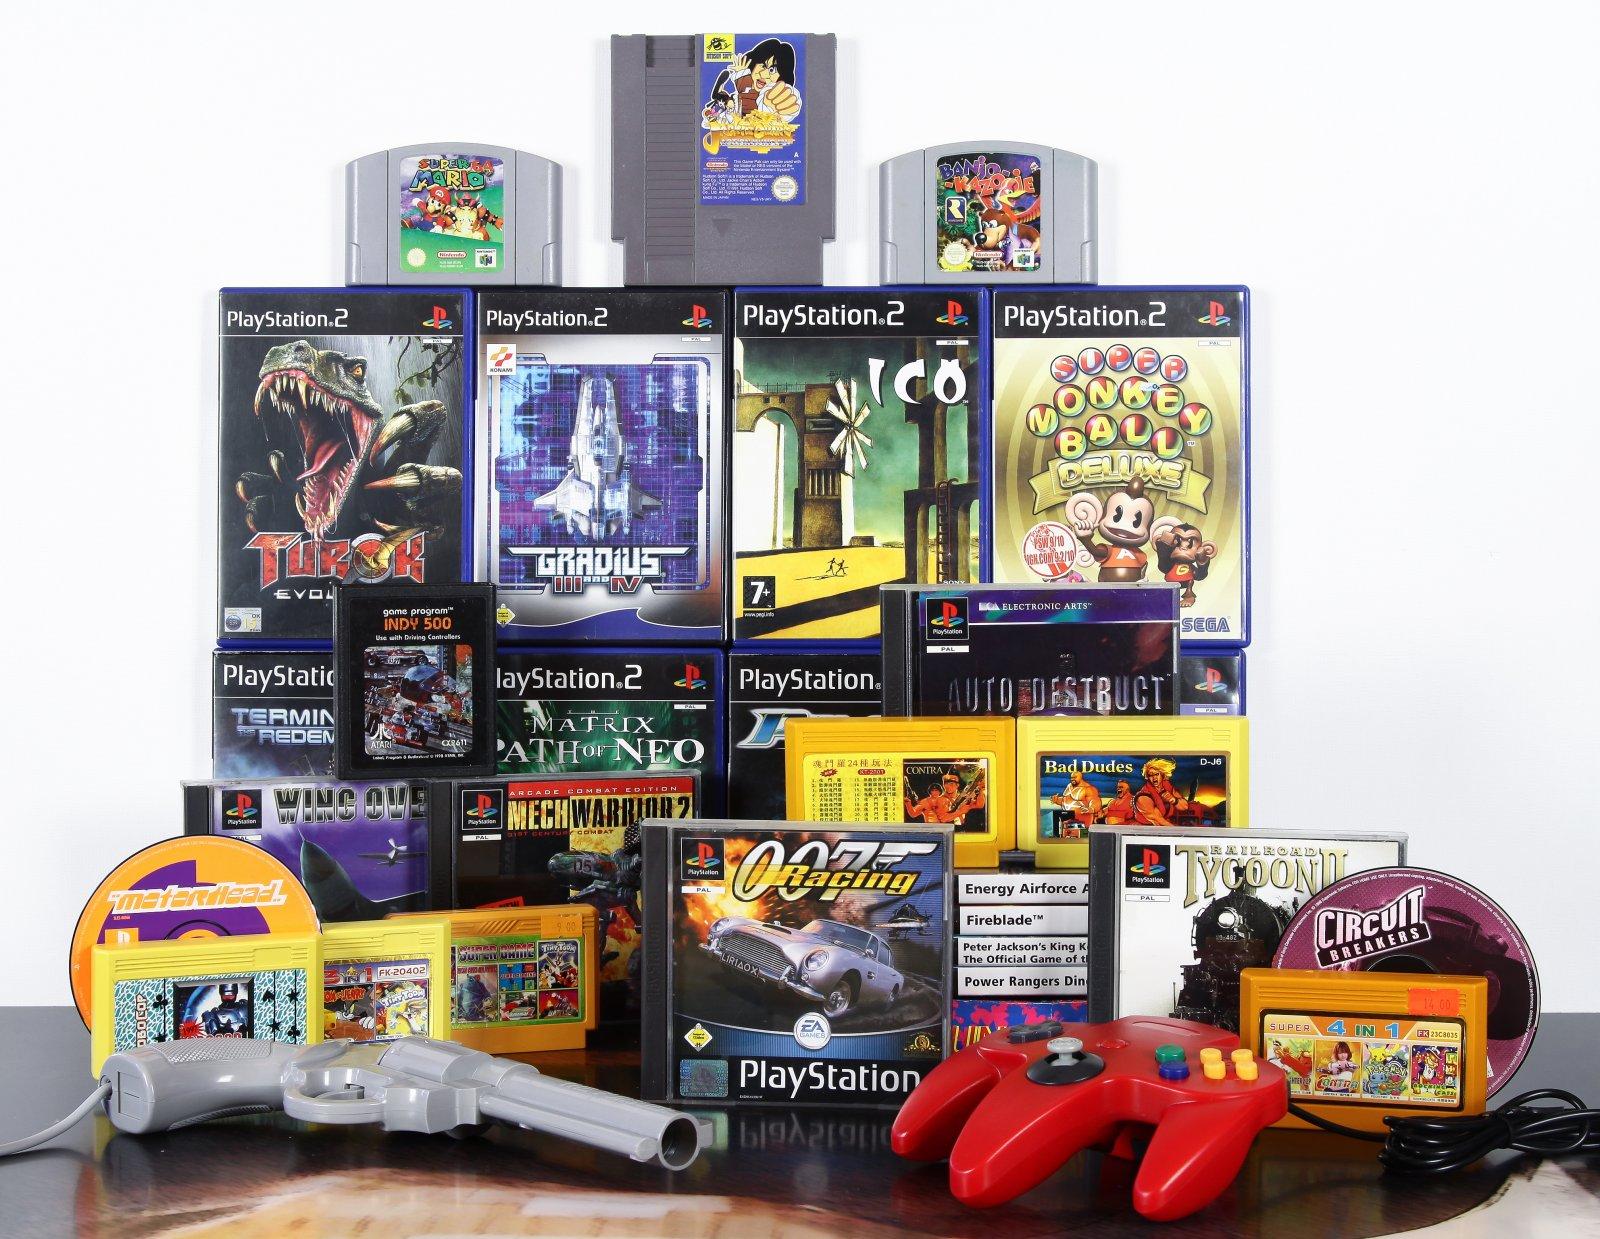 N64, PS1, PS2, Famiclone, NES, Atari 2600